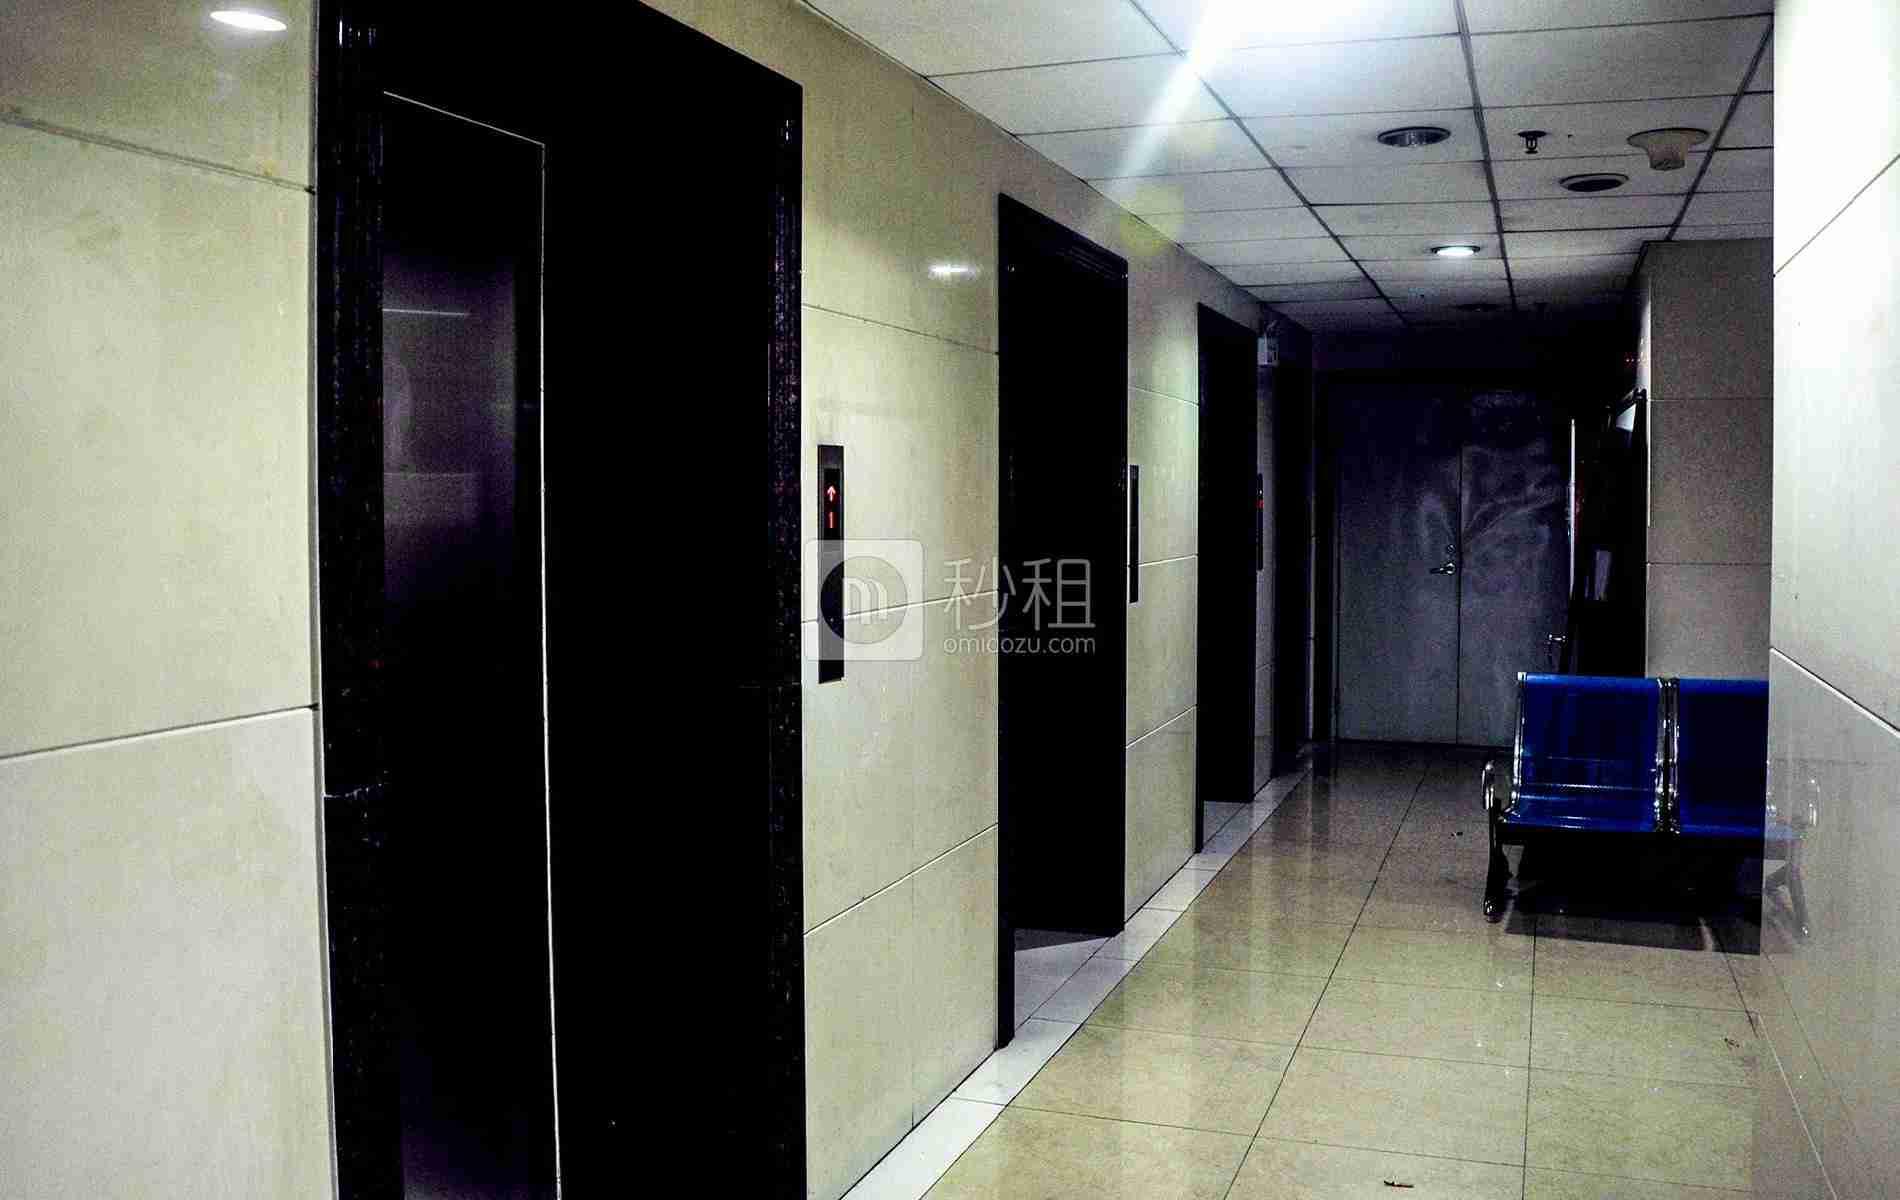 广建大厦写字楼出租/招租/租赁,广建大厦办公室出租/招租/租赁